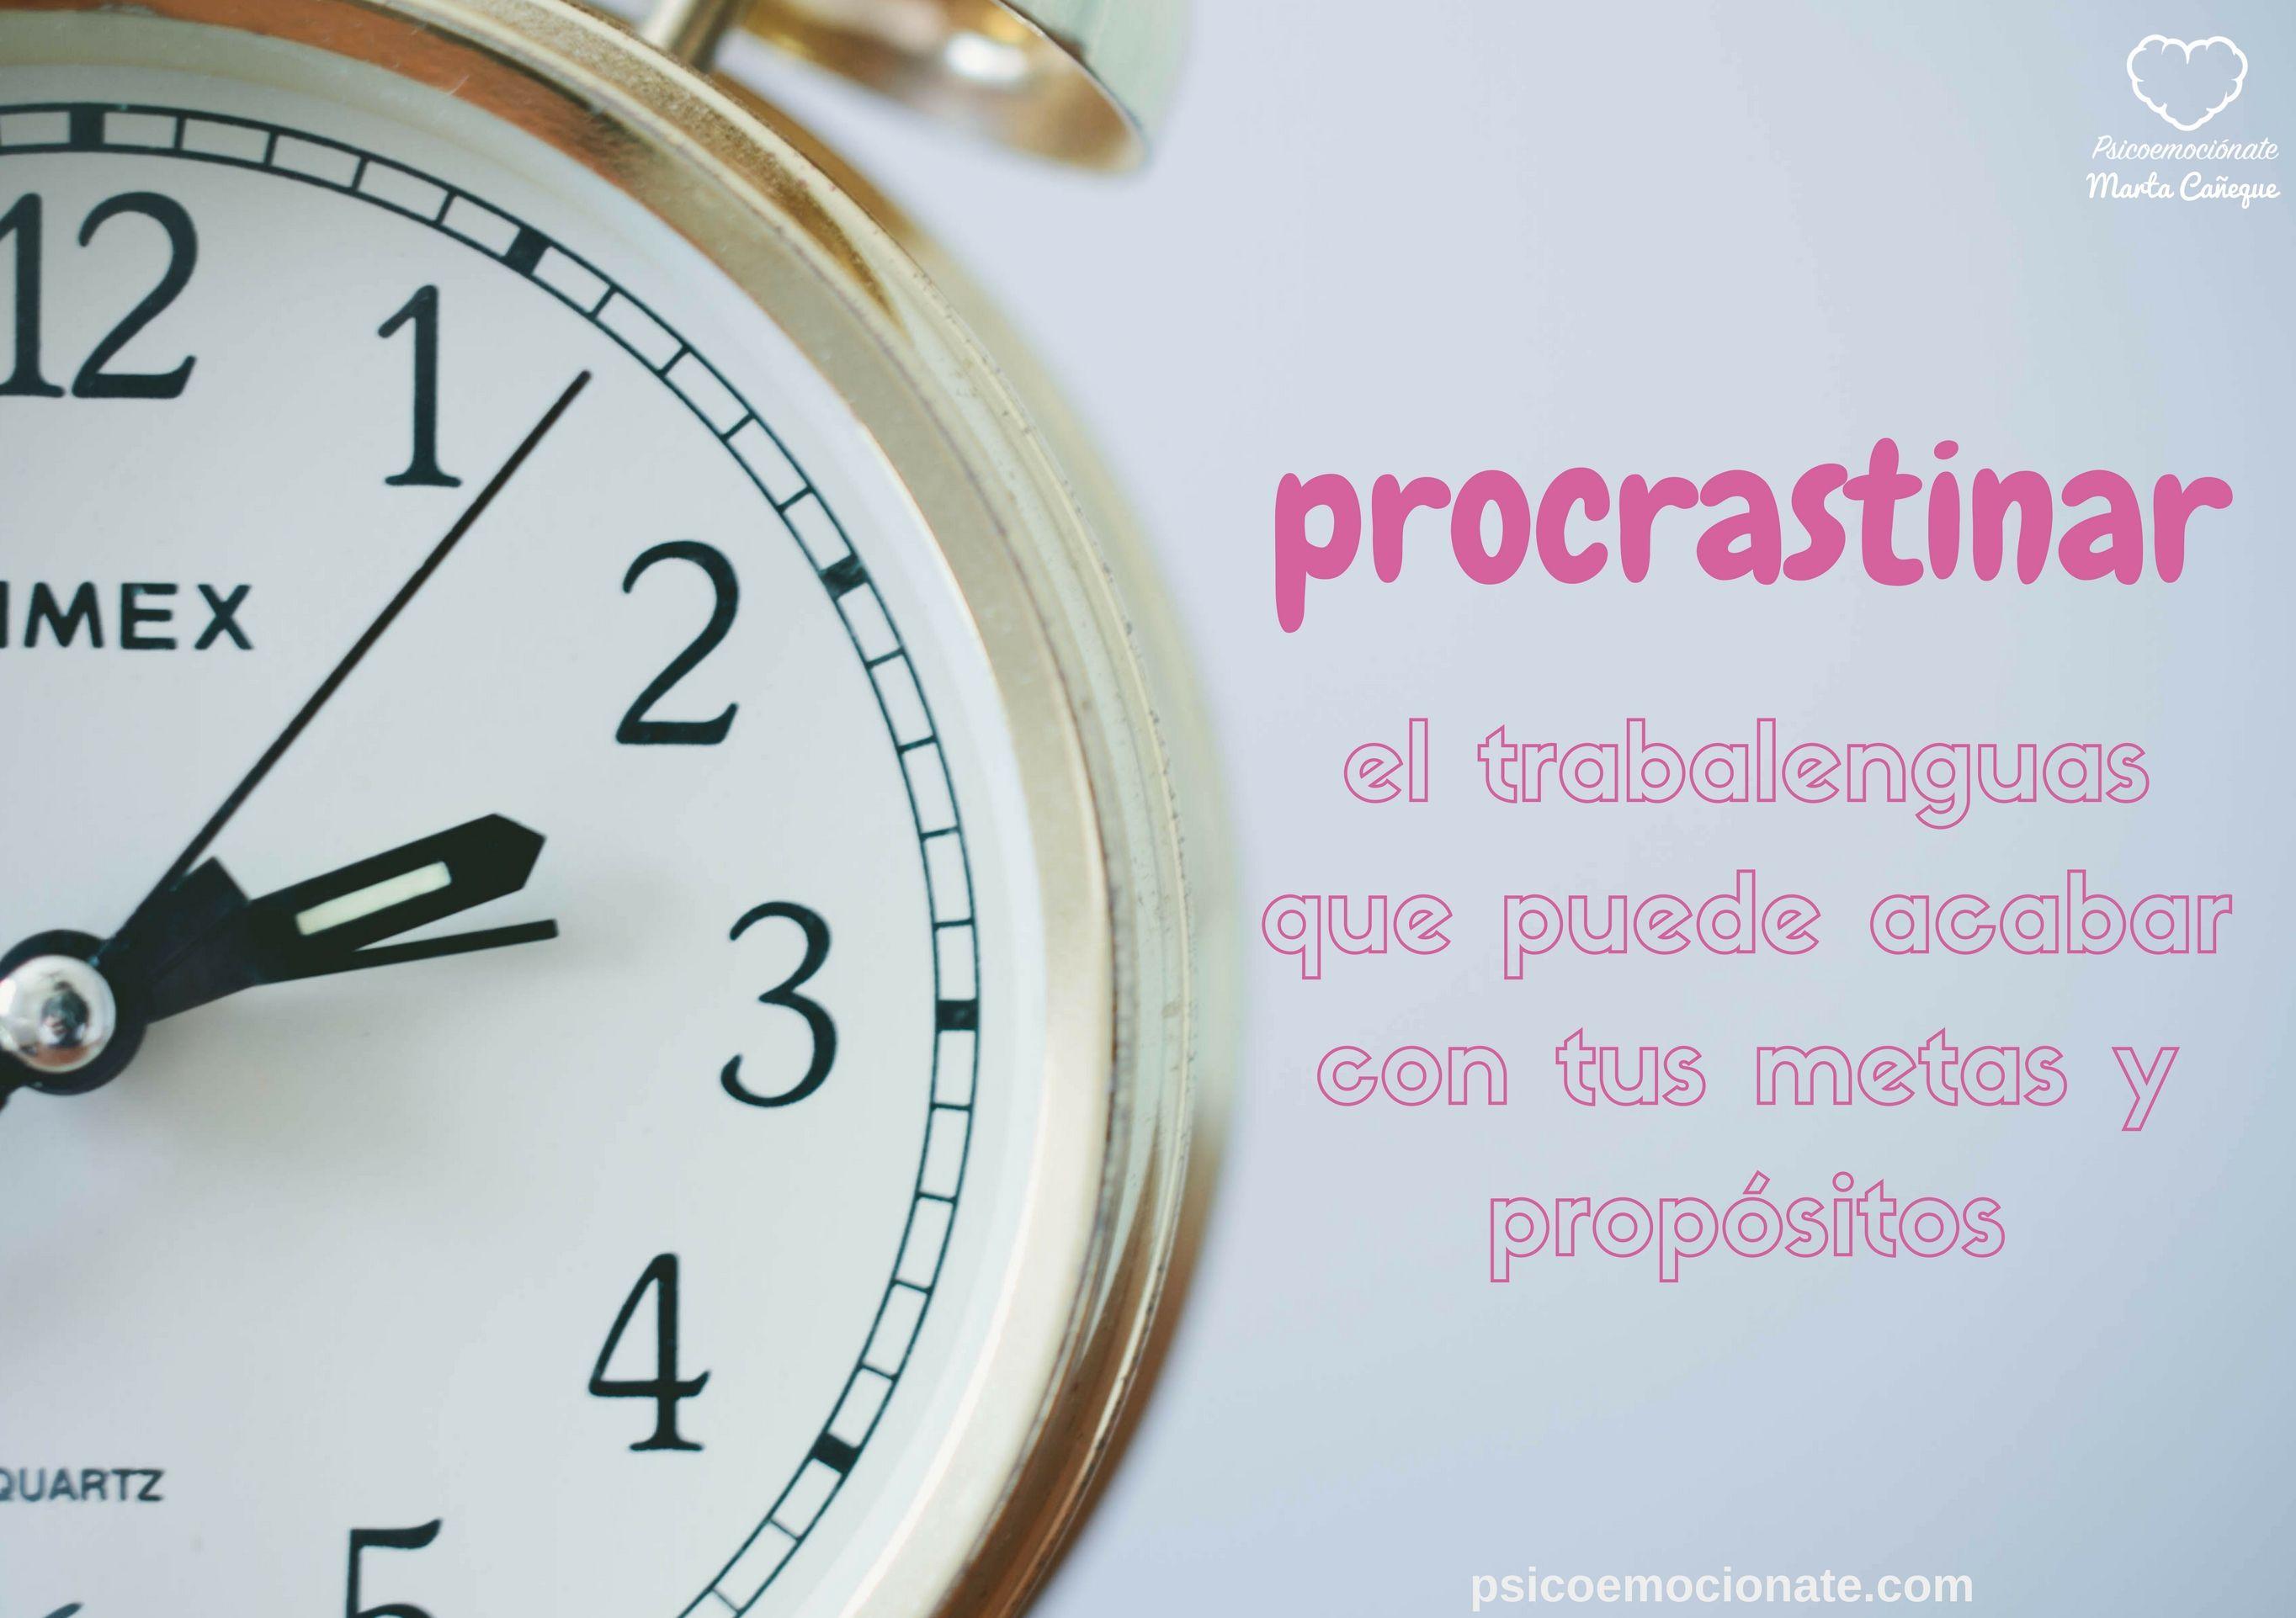 procrastinar psicoemocionate